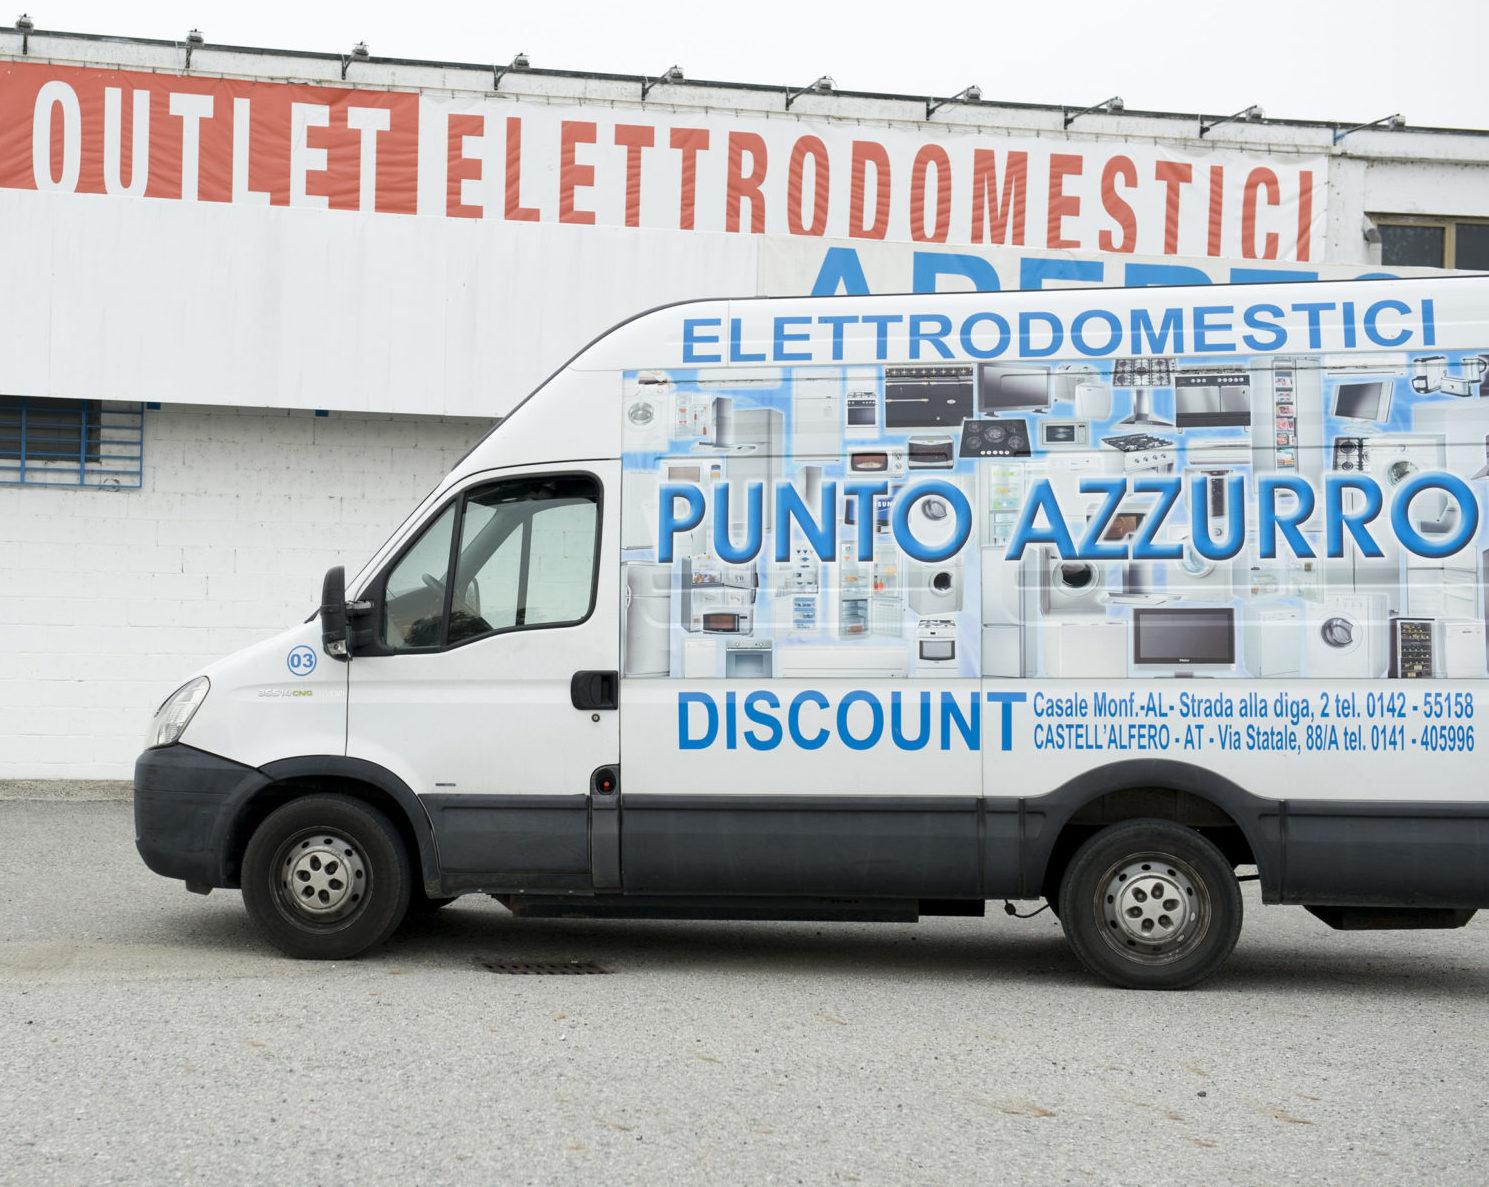 Consegne - Punto Azzurro Elettrodomestici